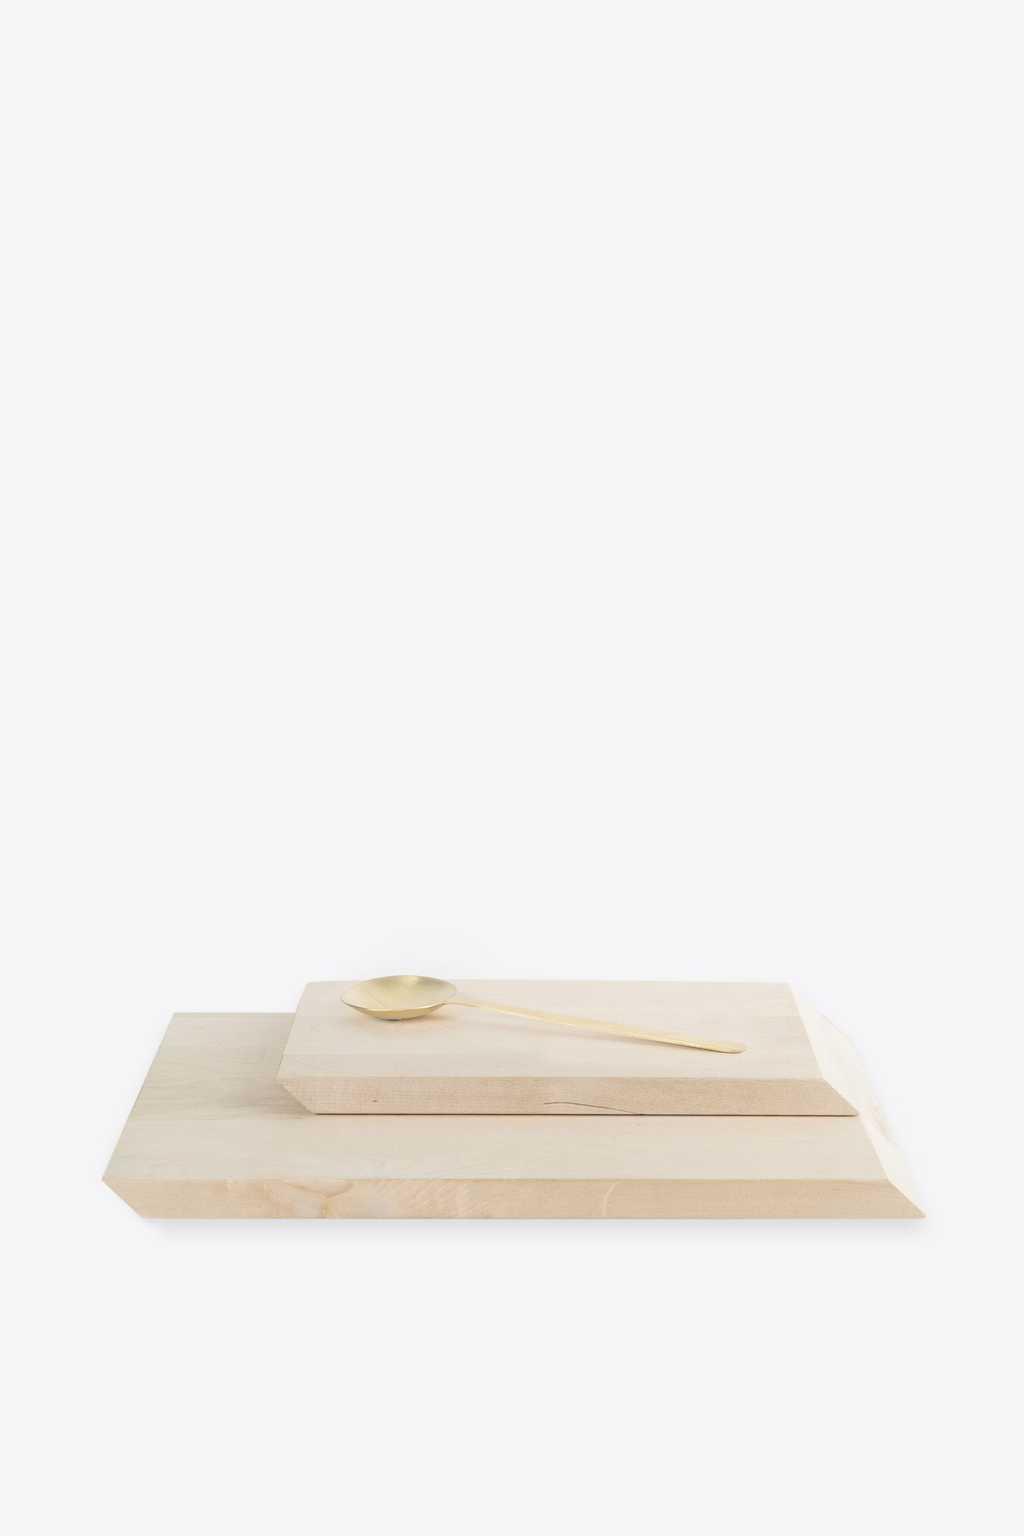 Small Cutting Board 1019 Brown 1